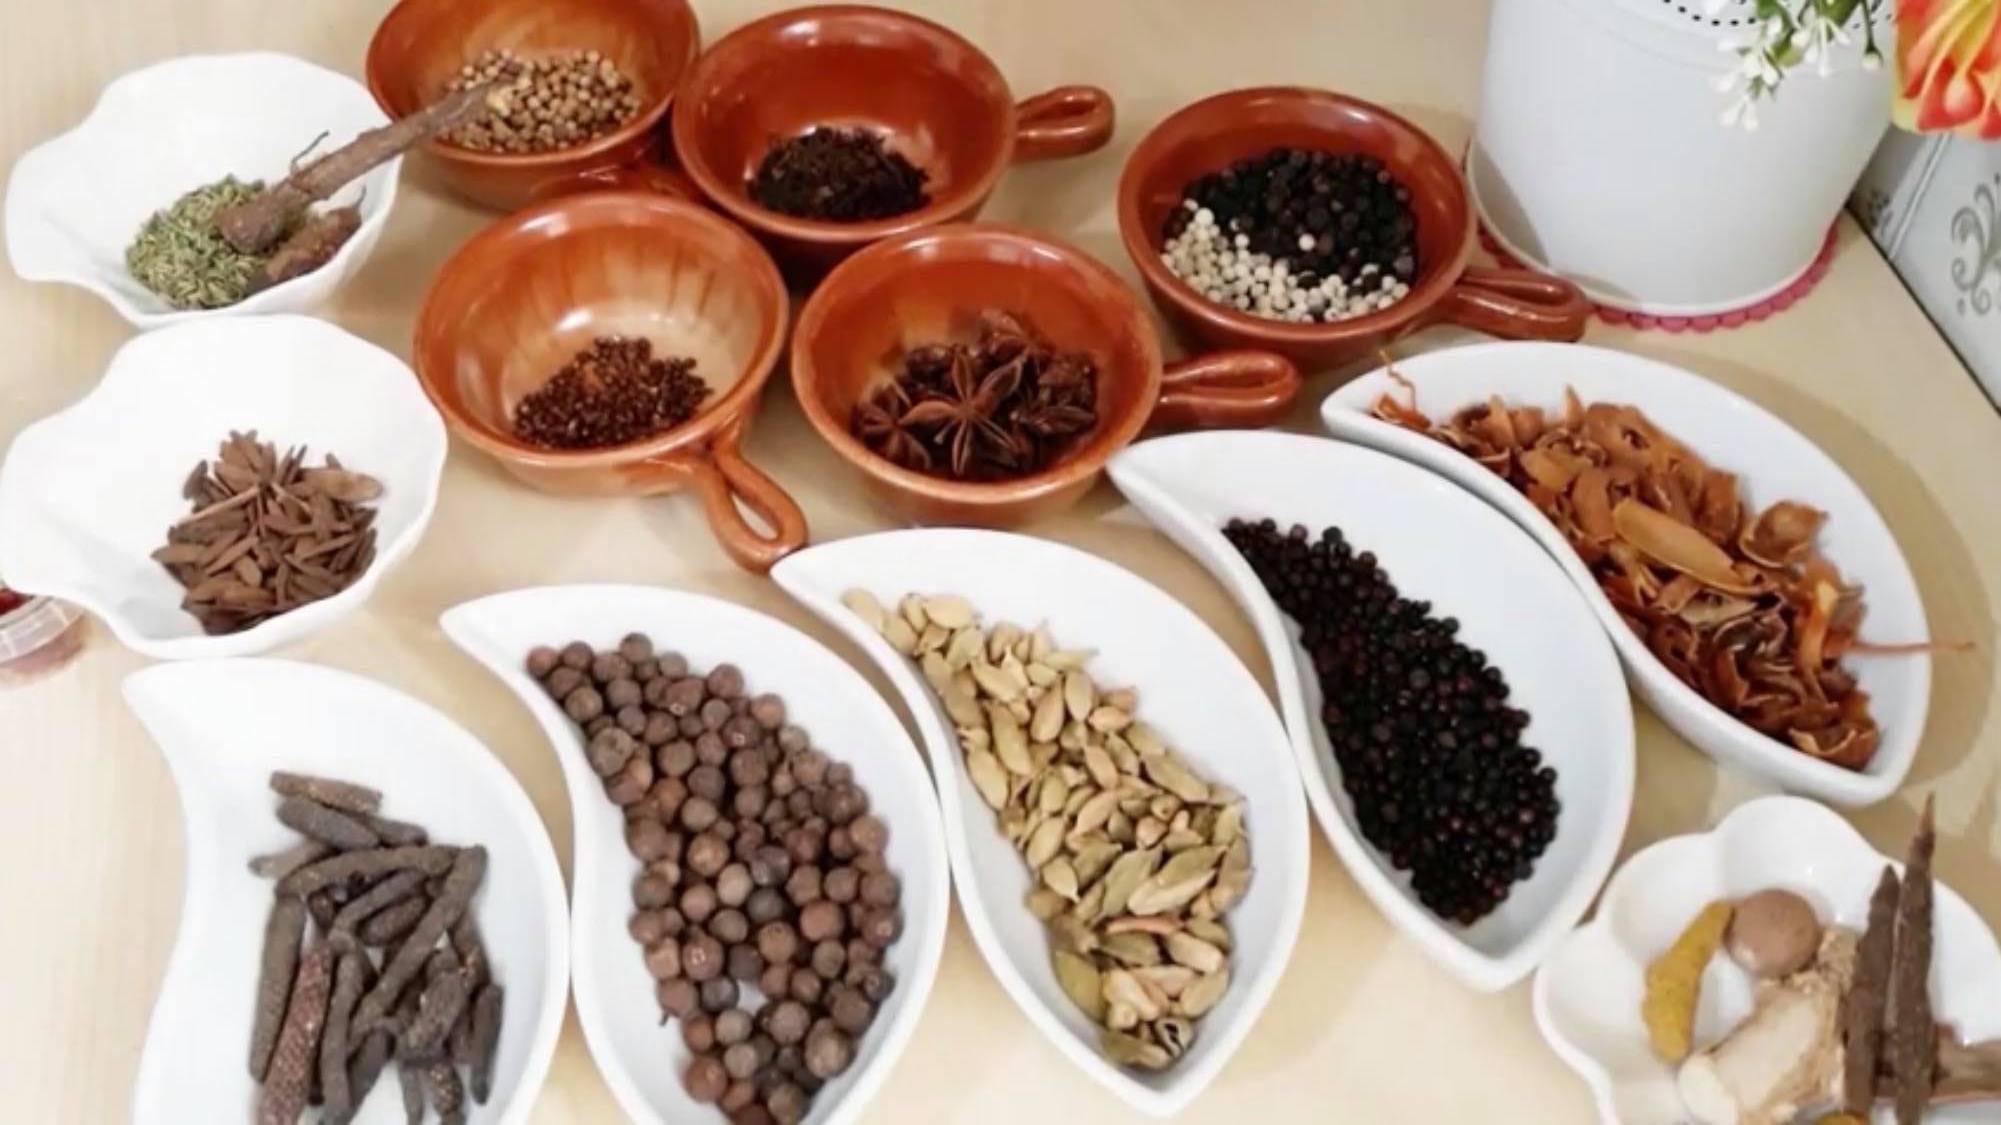 مكونات راس الحانوت المغربي